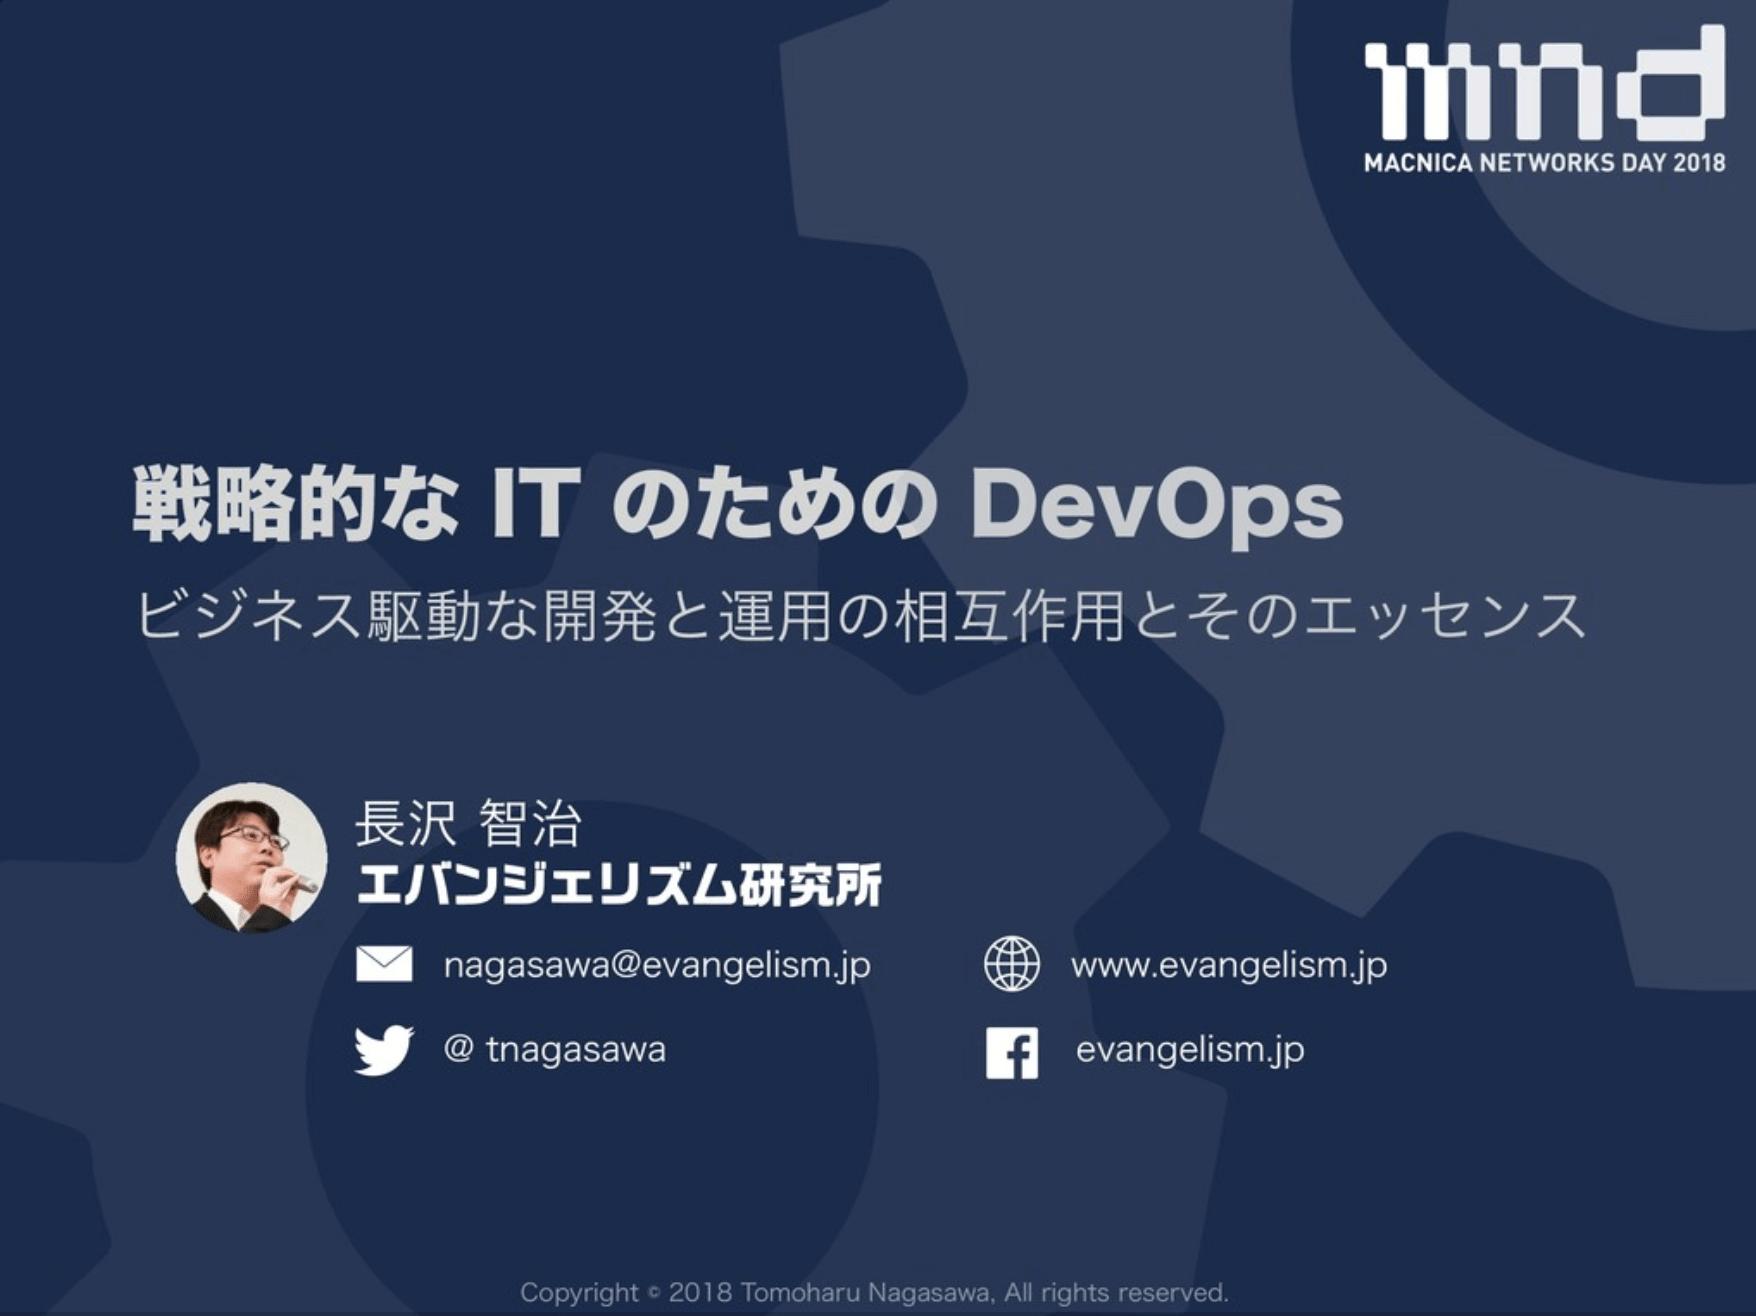 戦略的なITのためのDevOps-ビジネス駆動な開発と運用の相互作用とそのエッセンス